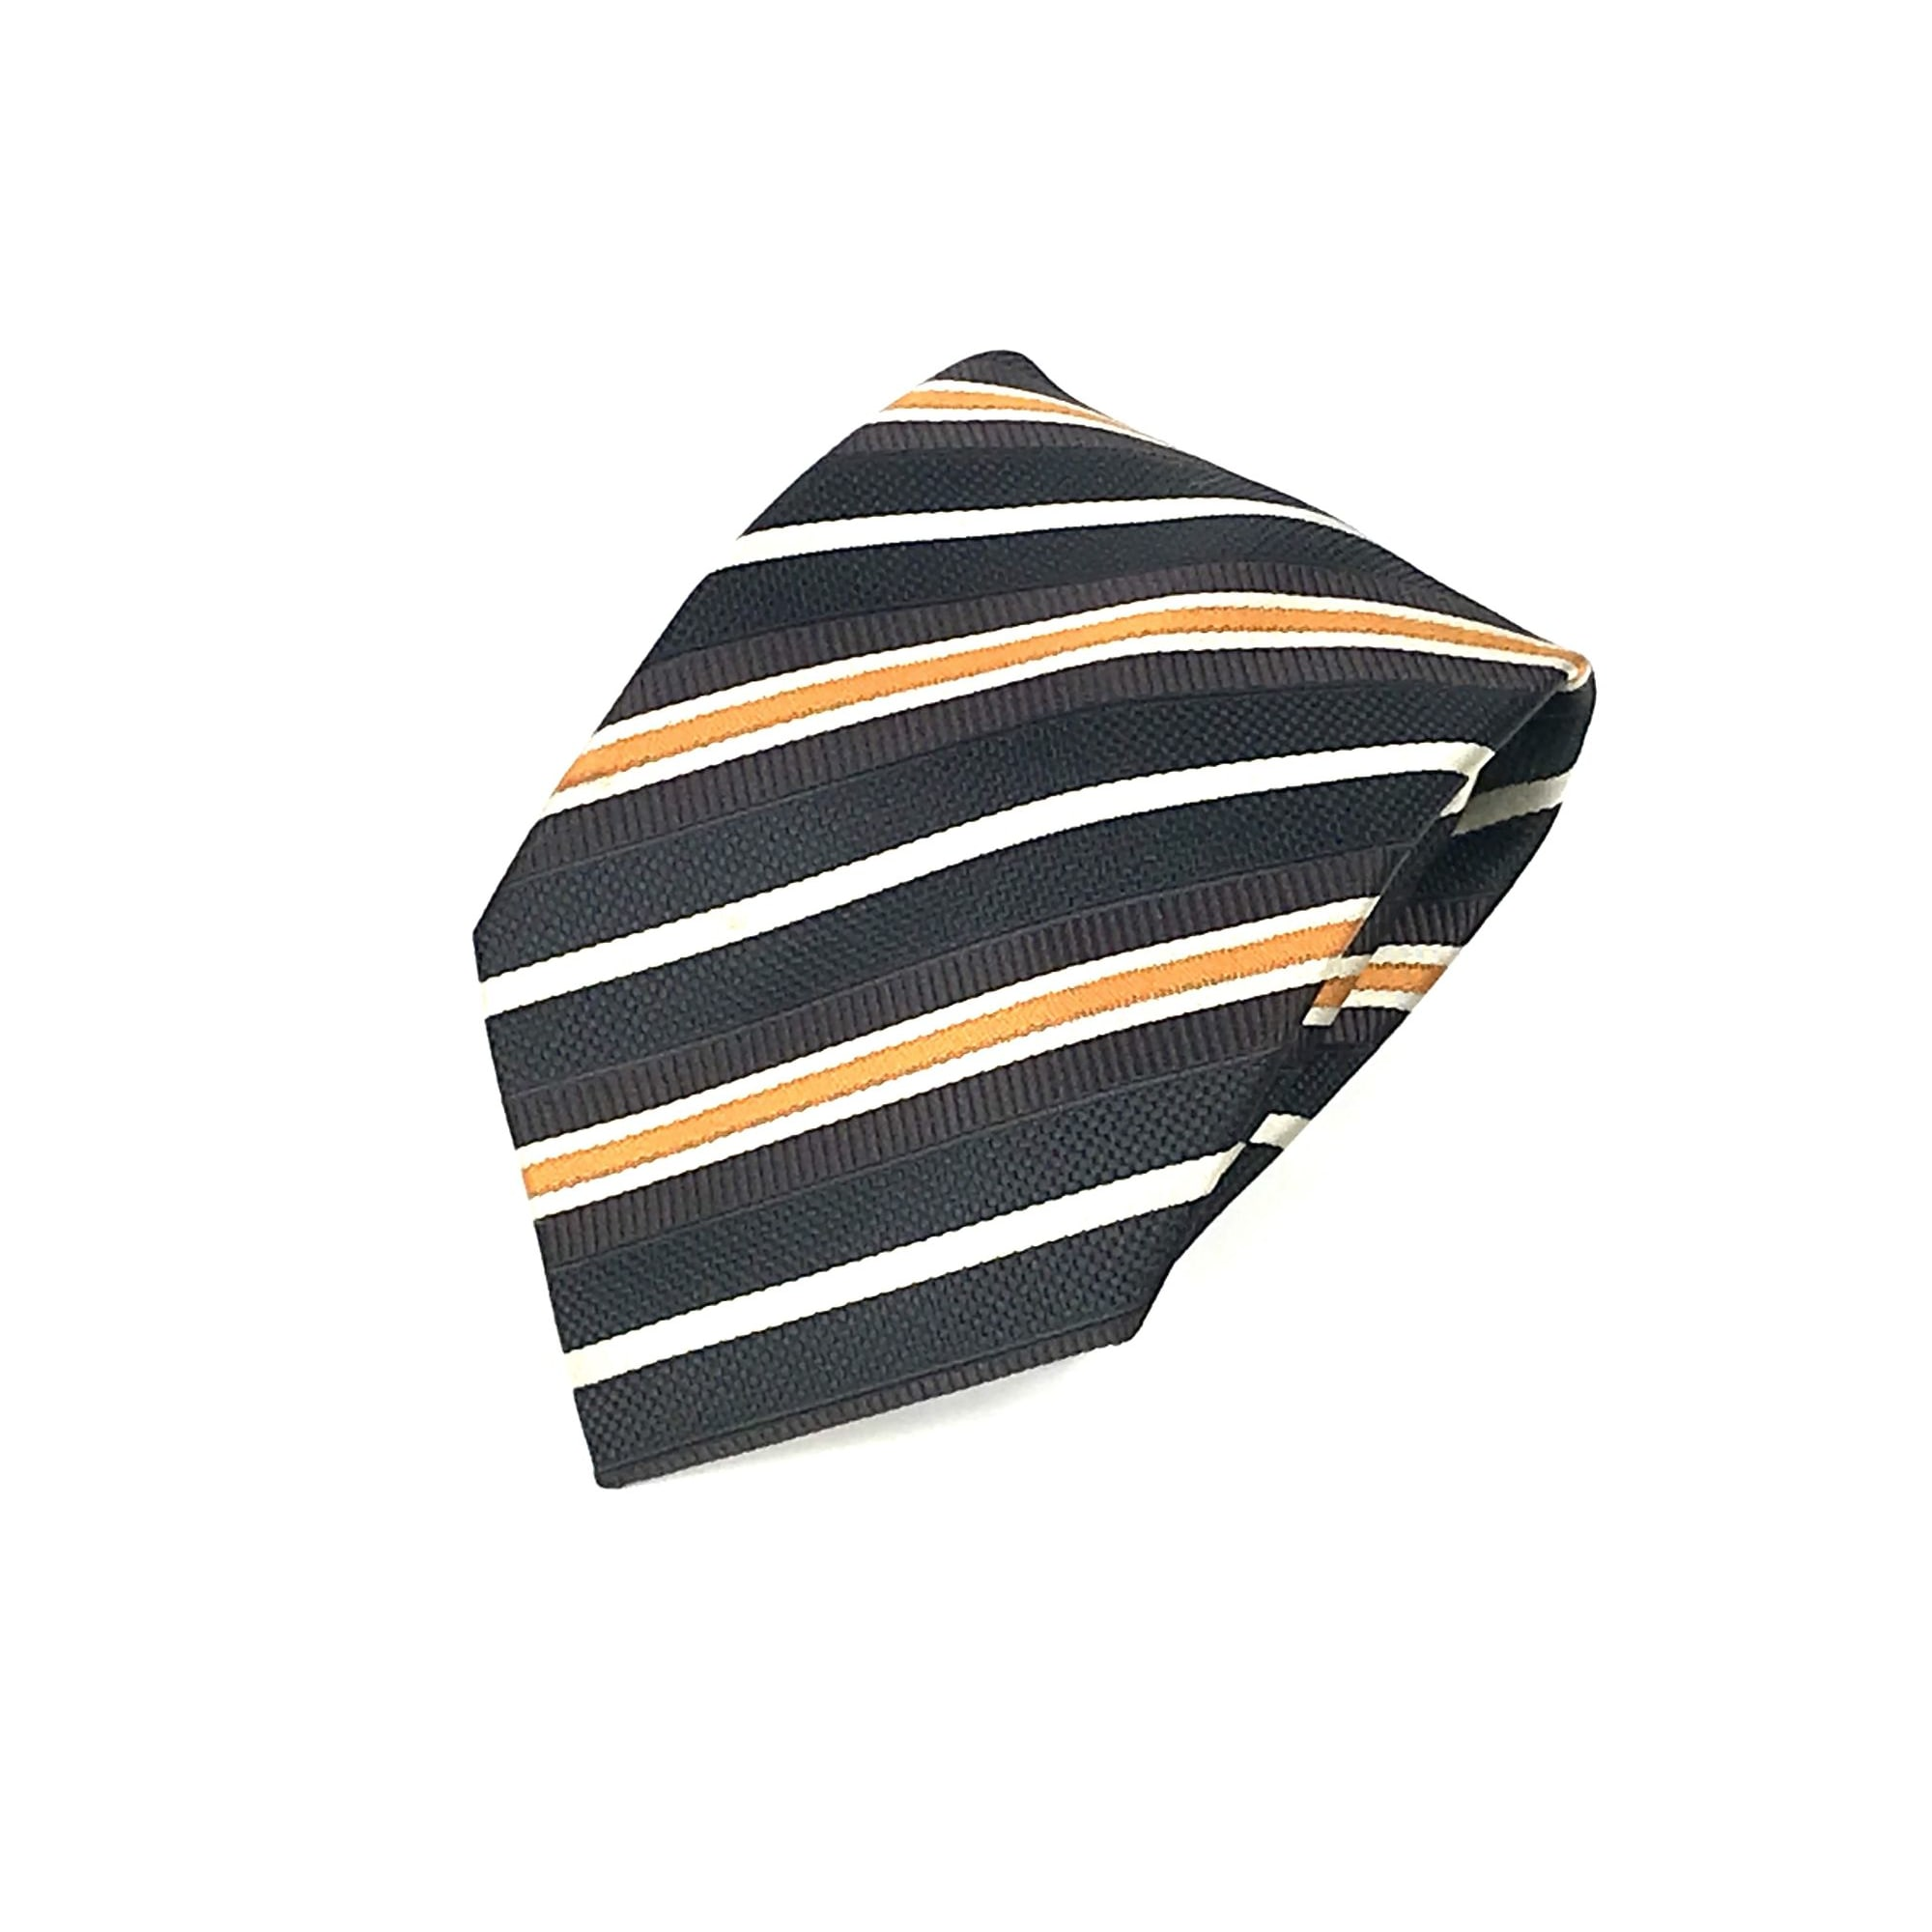 Cravate TED LAPIDUS Multicouleur